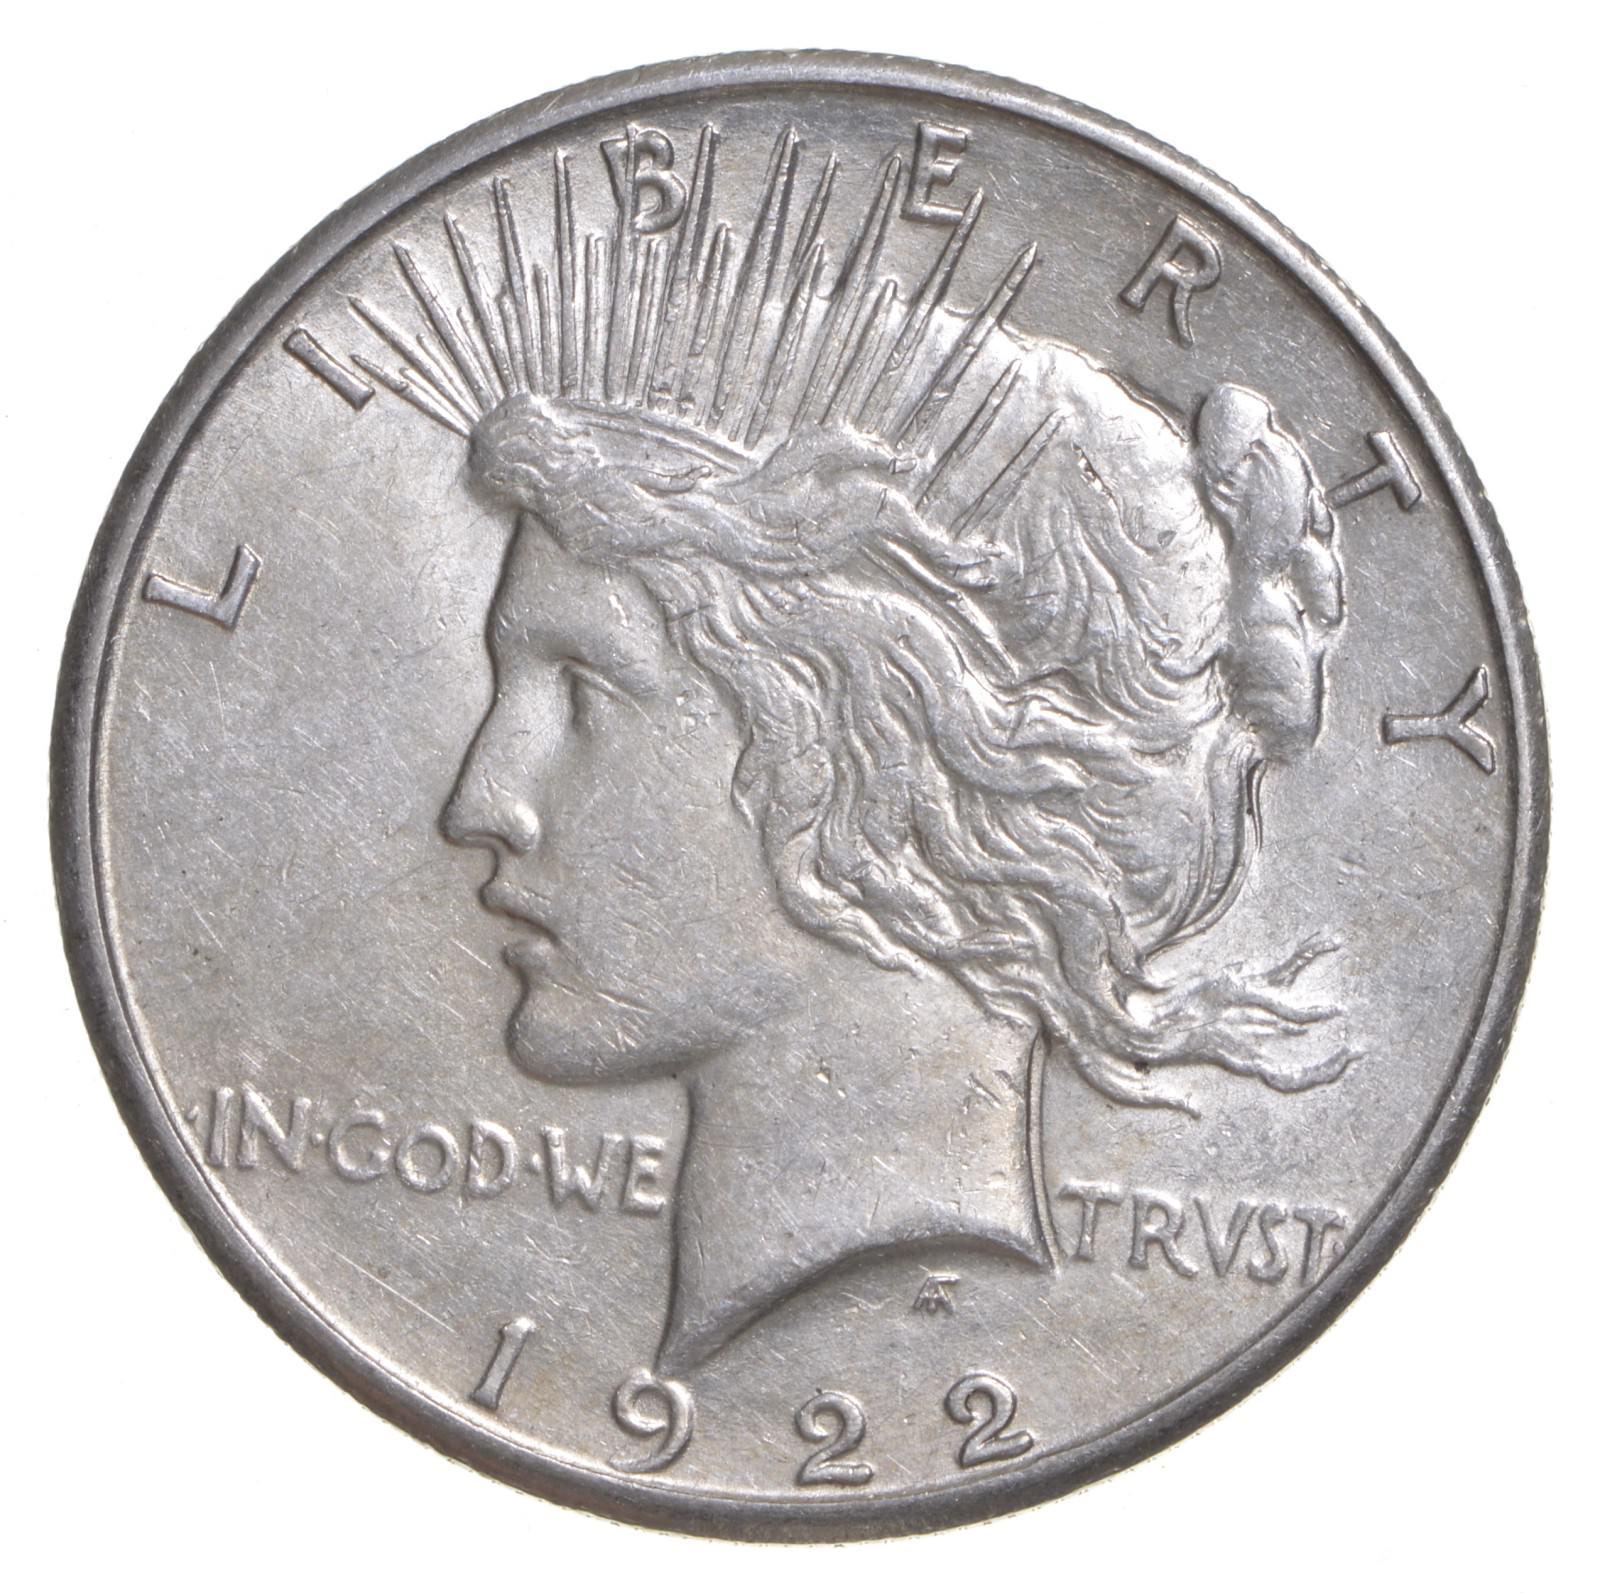 #465  2  1gr silver bars 2 big vials /& 2 glass jars of gold leaf$!$!$